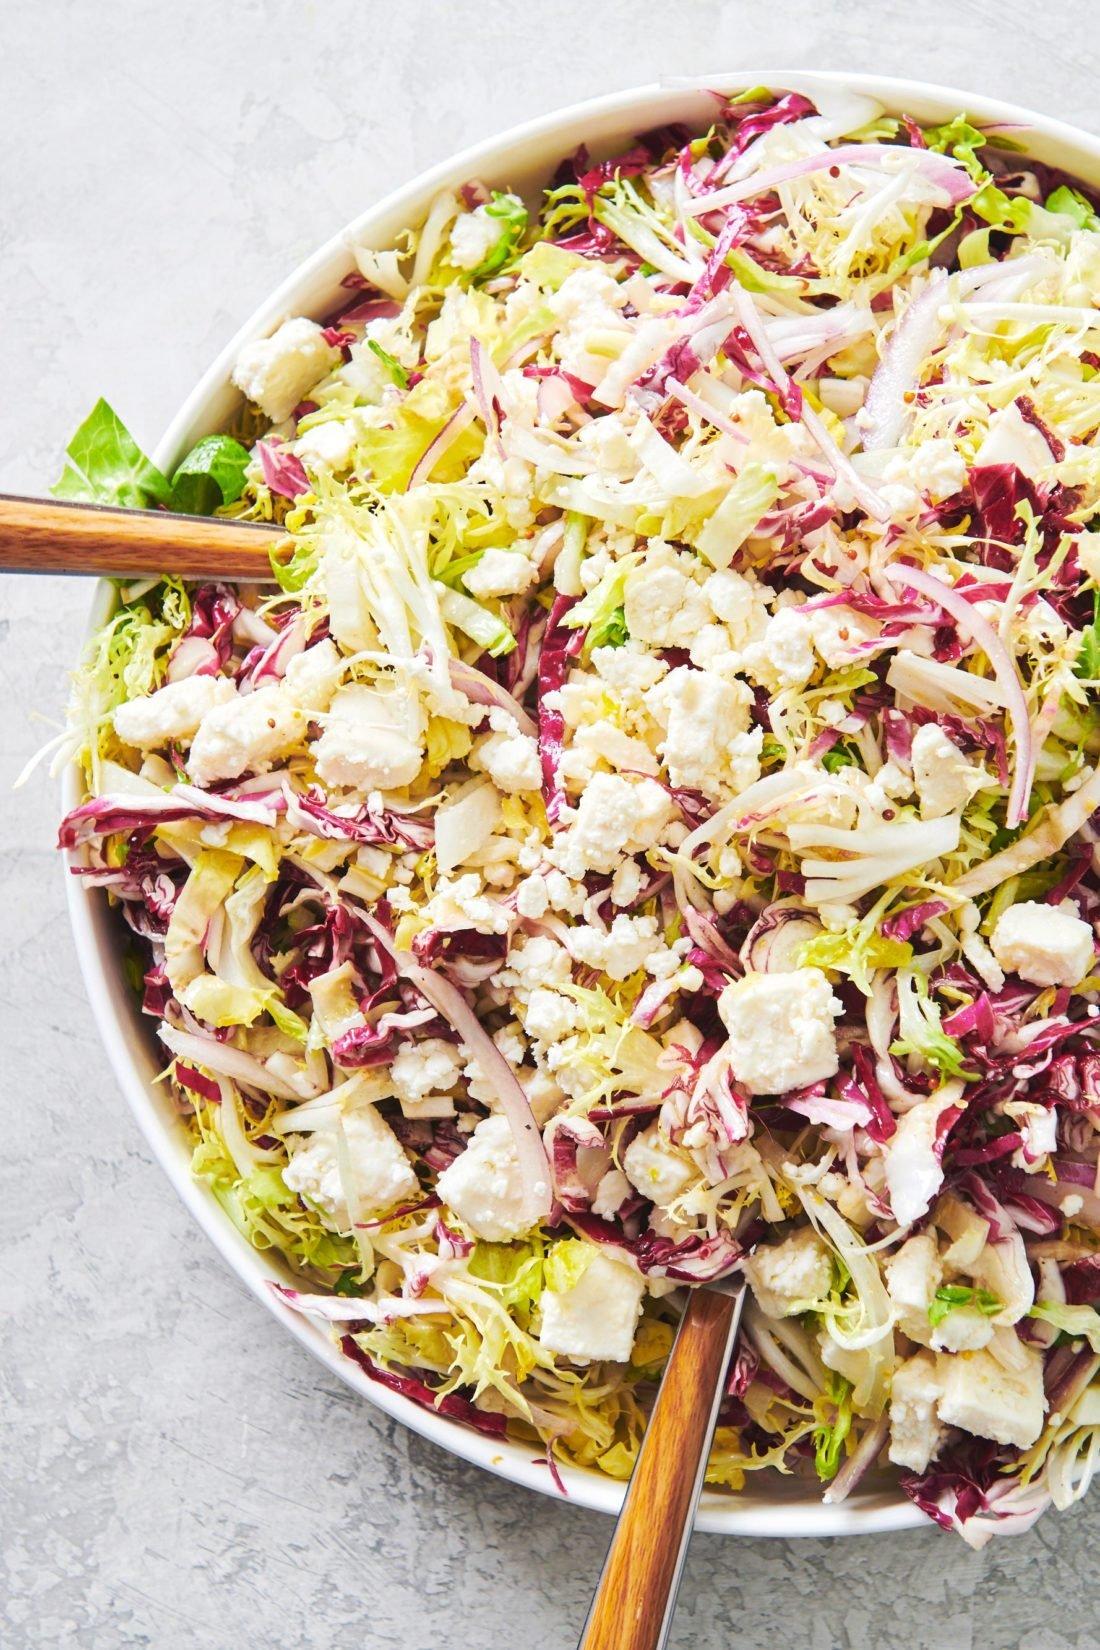 Frisee Radicchio And Escarole Salad Recipe The Mom 100